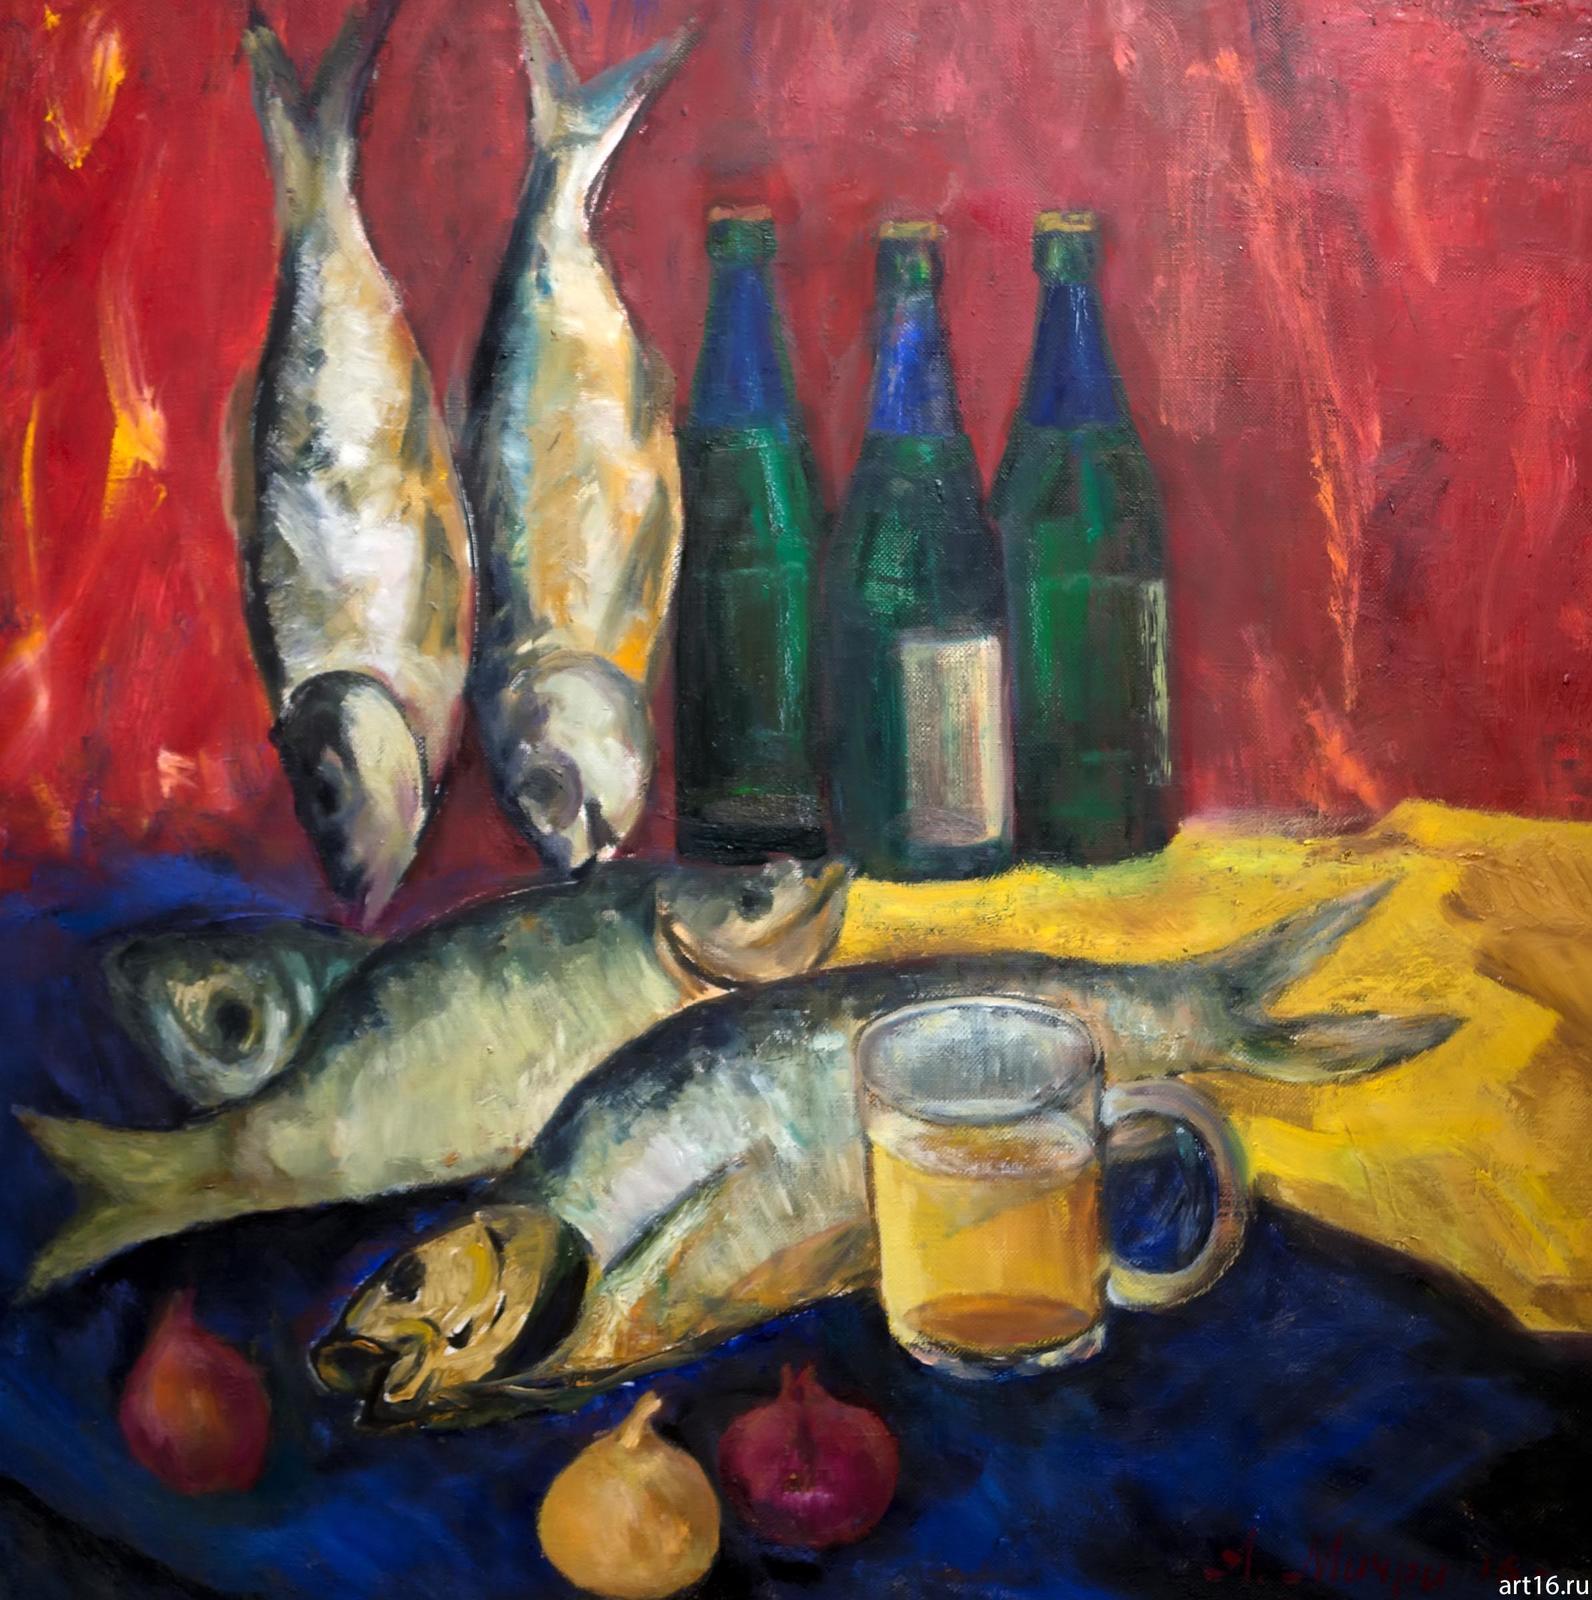 Фото №892946. Натюрморт с рыбой. Мичри А.И. 1934